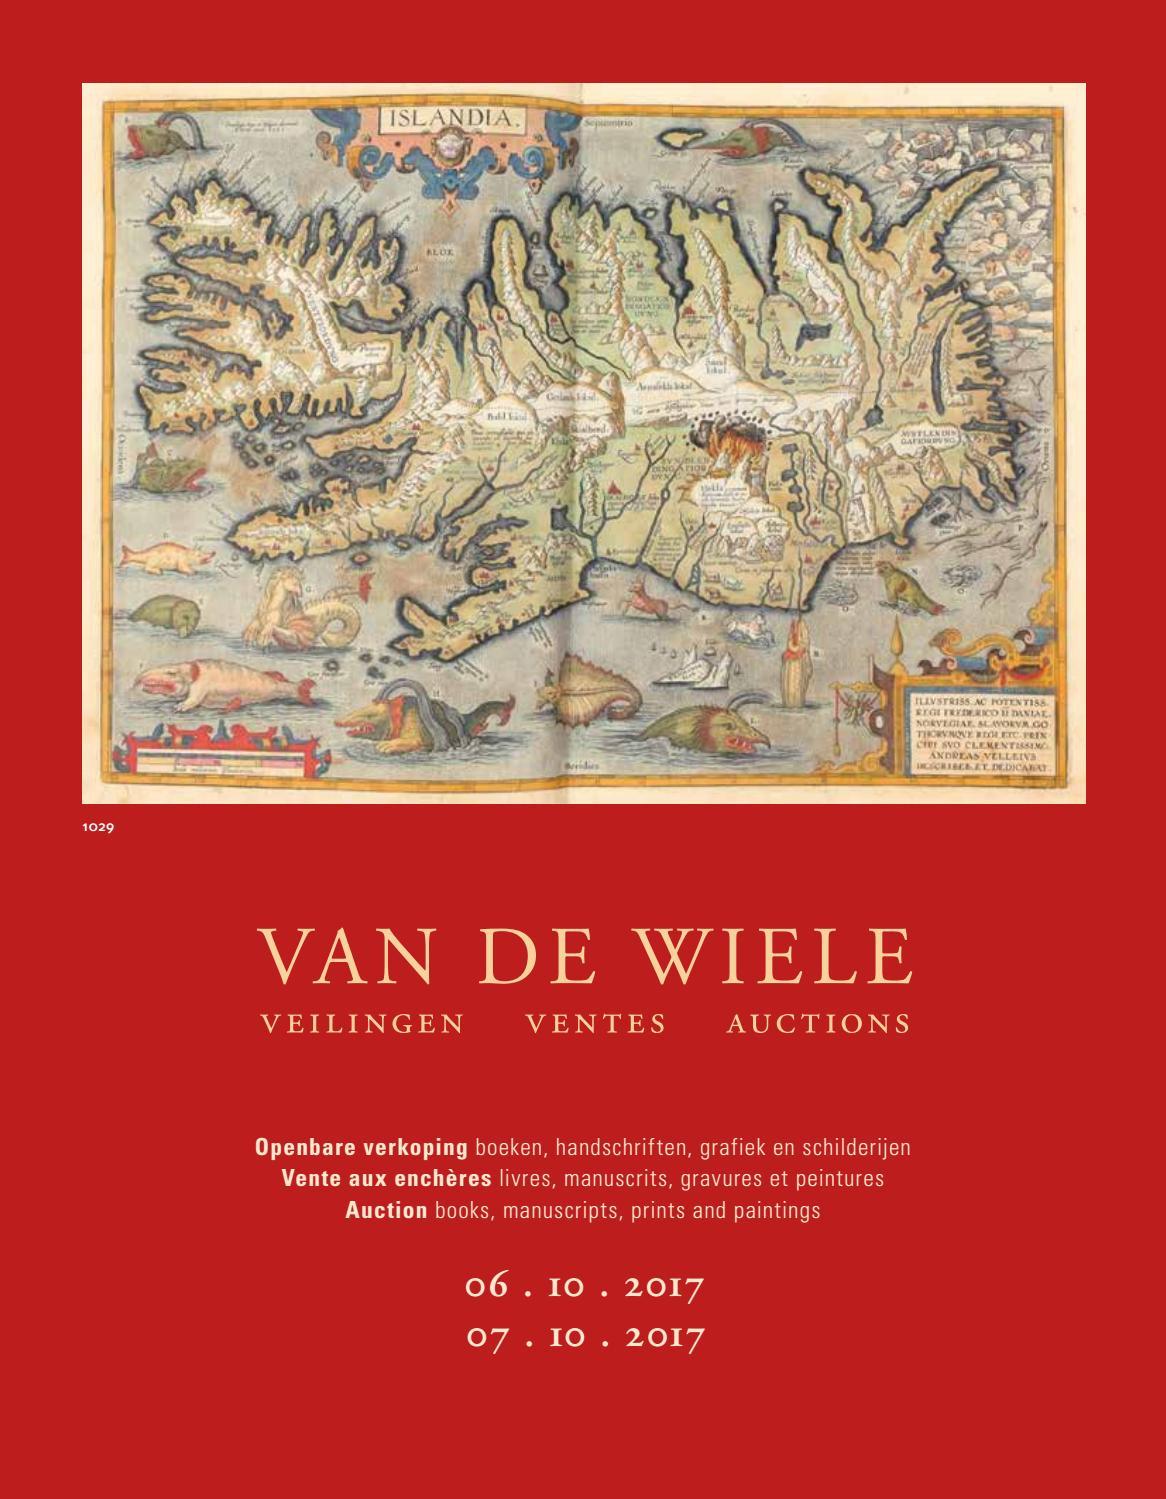 Catalogue 6 7 October 2017 By Uitgeverij Van De Wiele Issuu